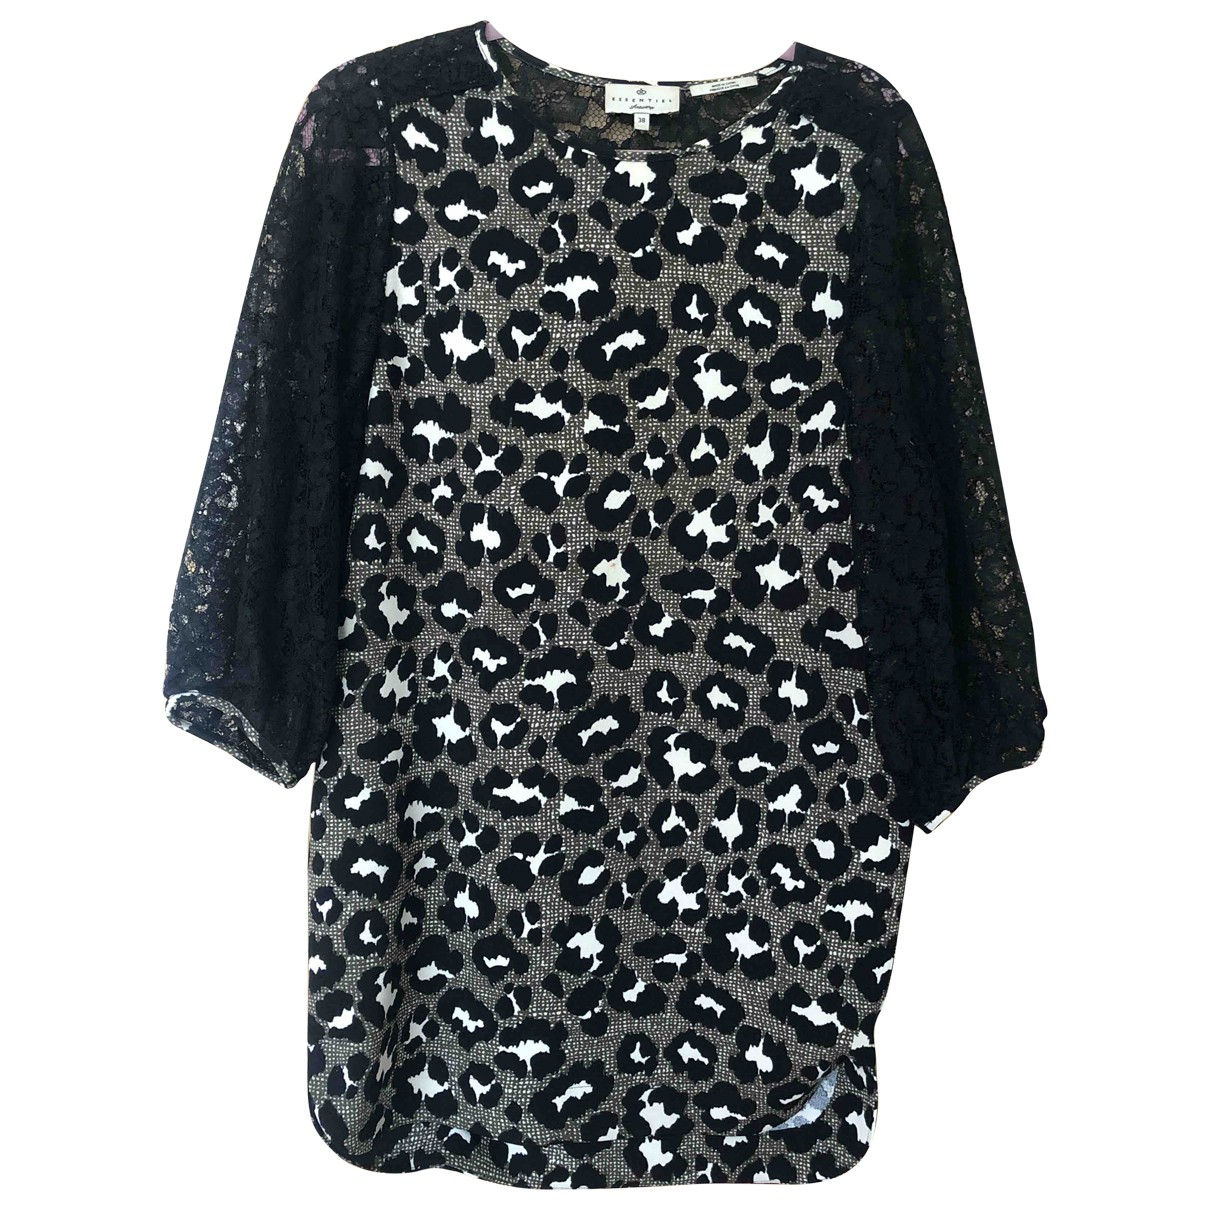 Essentiel Antwerp \N Black dress for Women 38 FR